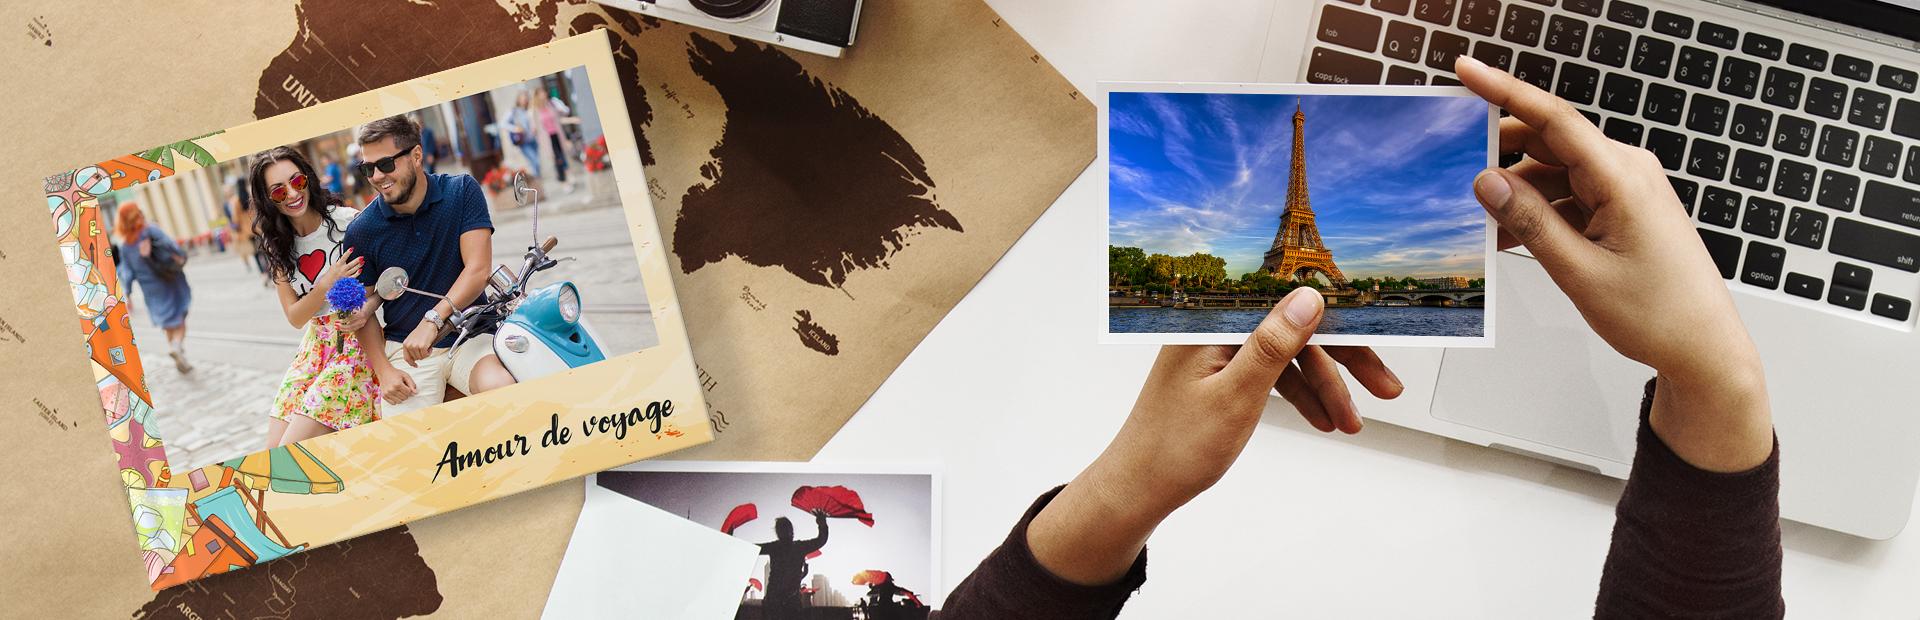 Cadeaux photo personnalisés en ligne - Picsy